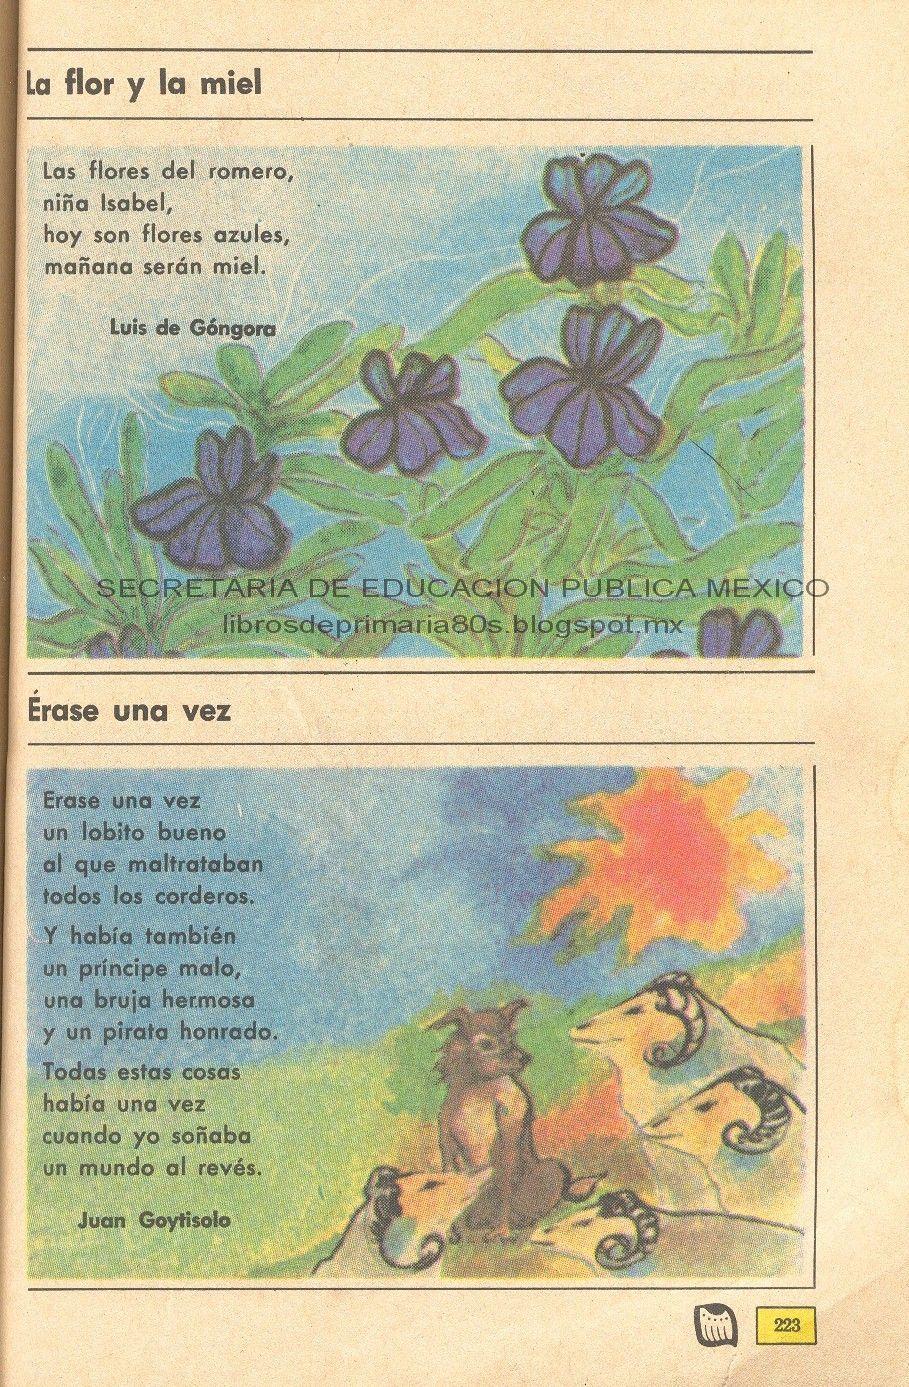 Baby's busy day (un día ocupado del bebé, en español), where is bear? Libros de Primaria de los 80's: Poemas - Español Ej. y Lec